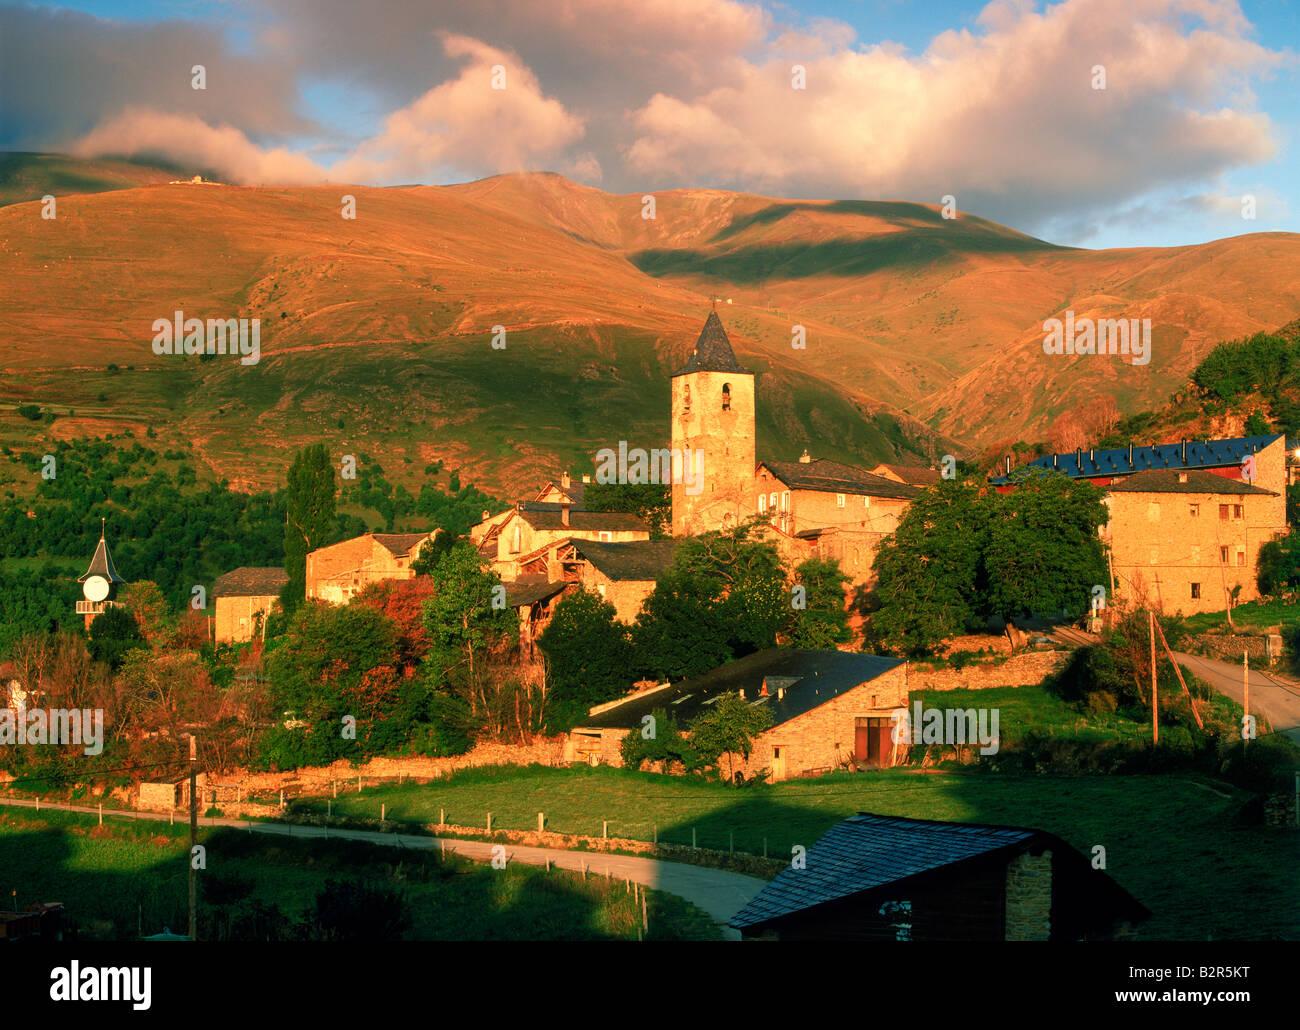 Pueblo de Llessui cerca de Sort, en la provincia de Lleida, Cataluña, España al amanecer. Imagen De Stock